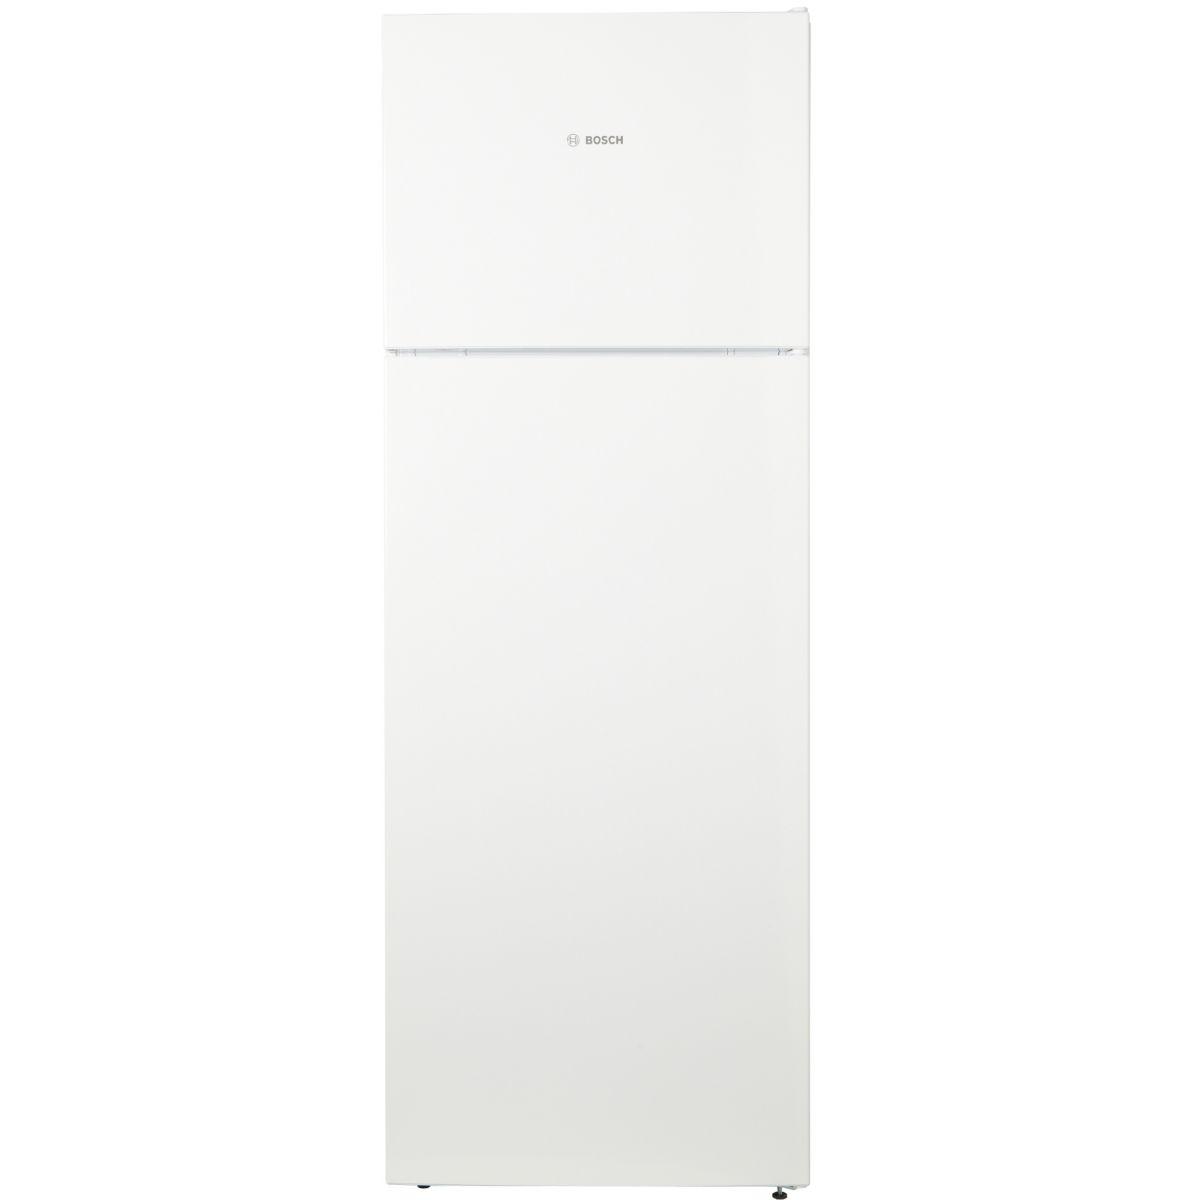 Réfrigérateur 2 portes BOSCH KDV 47 VW30